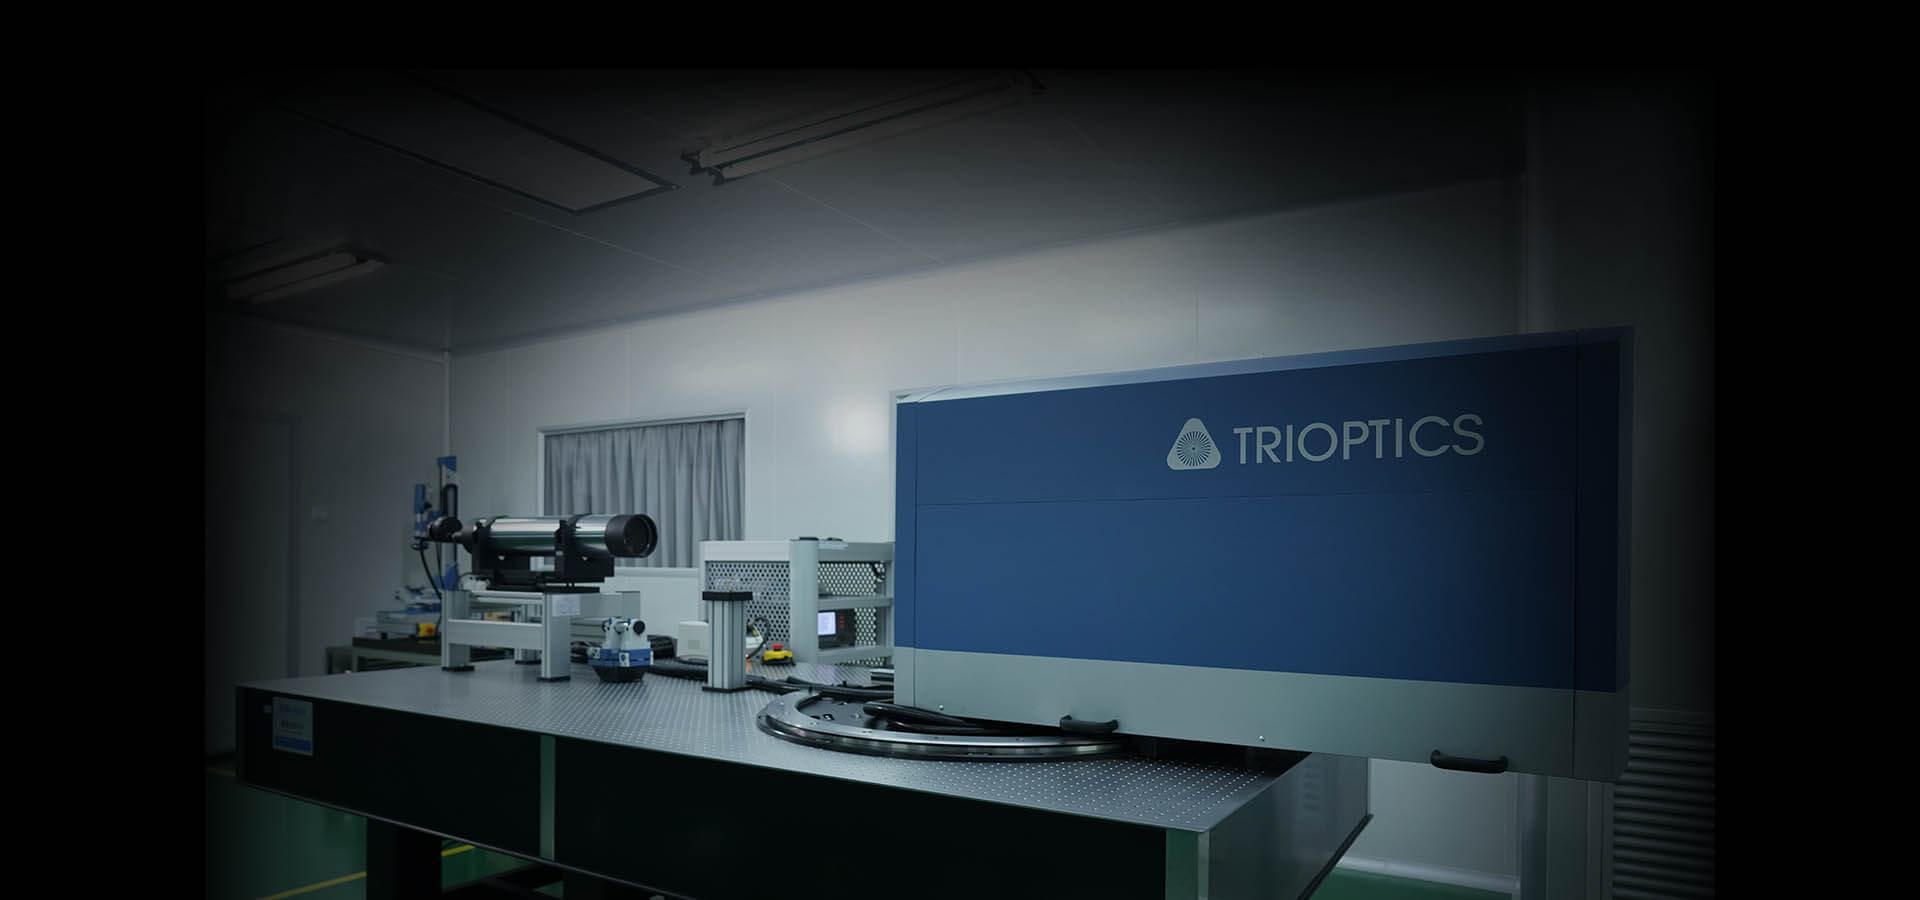 50mm f1.8 Anamorphic 1.33x - Hệ thống thấu kính SCHOTT nổi tiếng